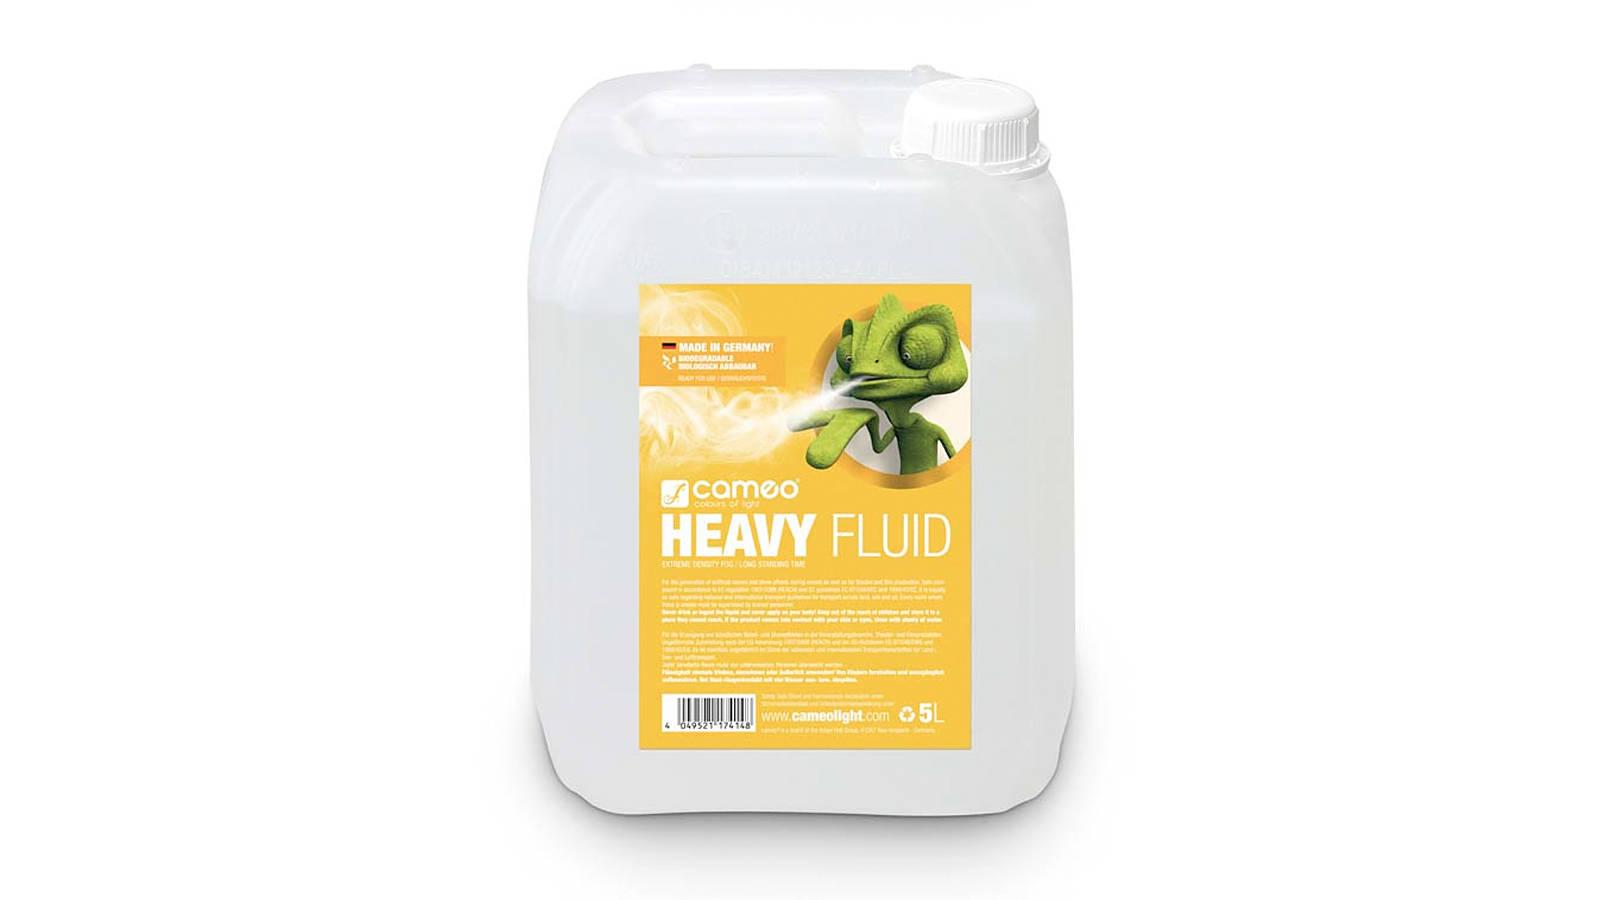 CAMEO HEAVY FLUID 5L Nebelfluid